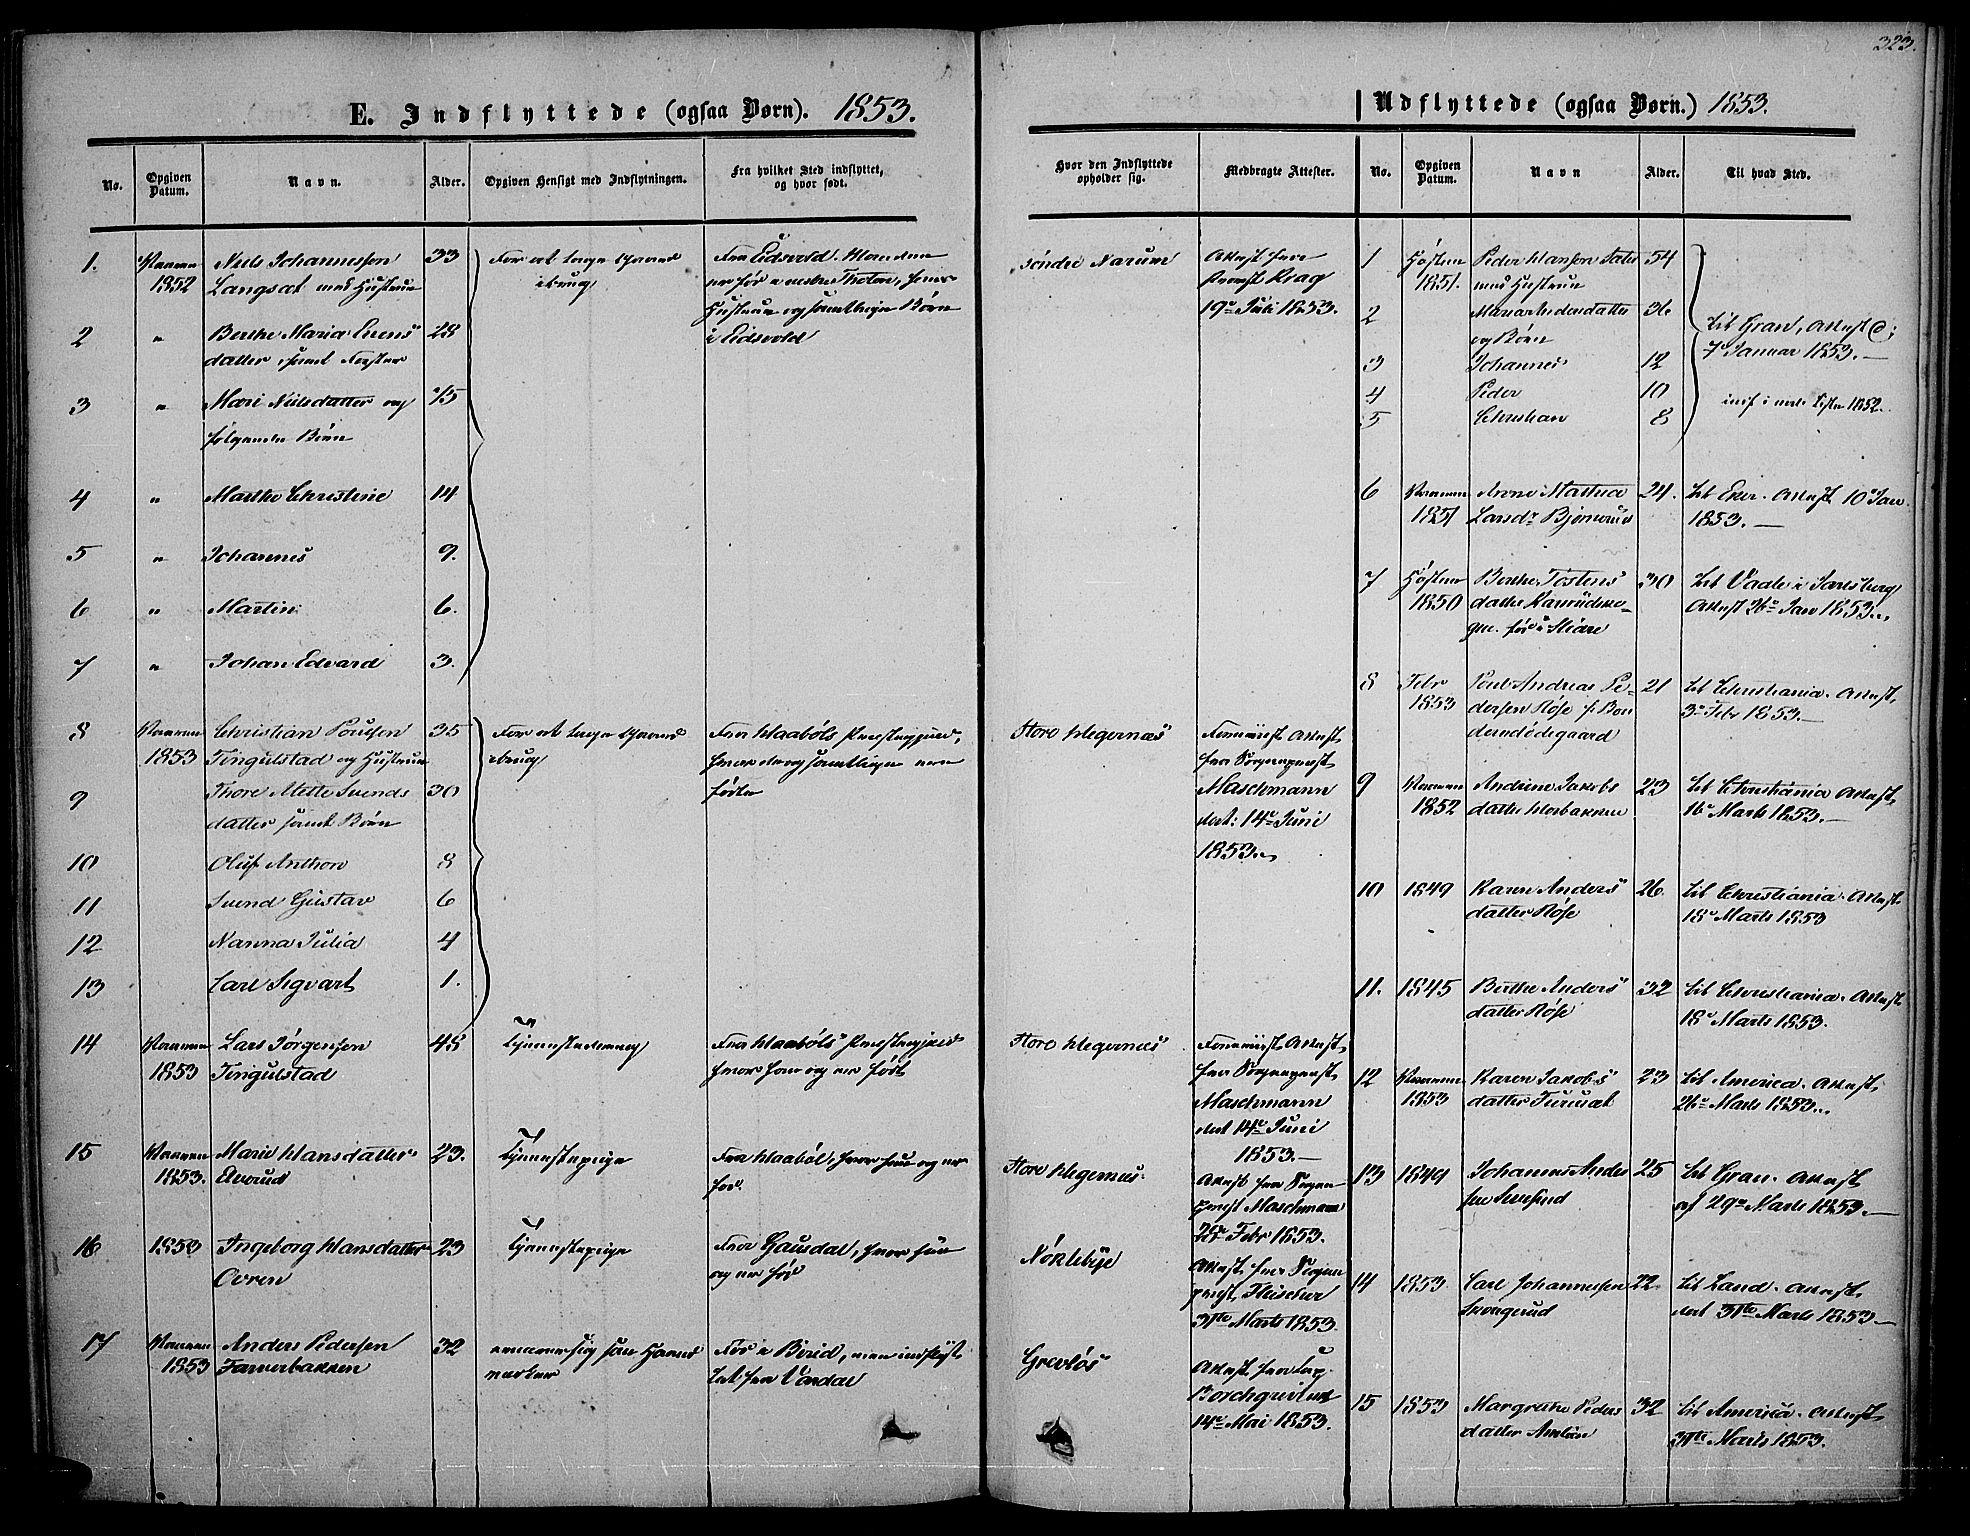 SAH, Vestre Toten prestekontor, Ministerialbok nr. 5, 1850-1855, s. 323